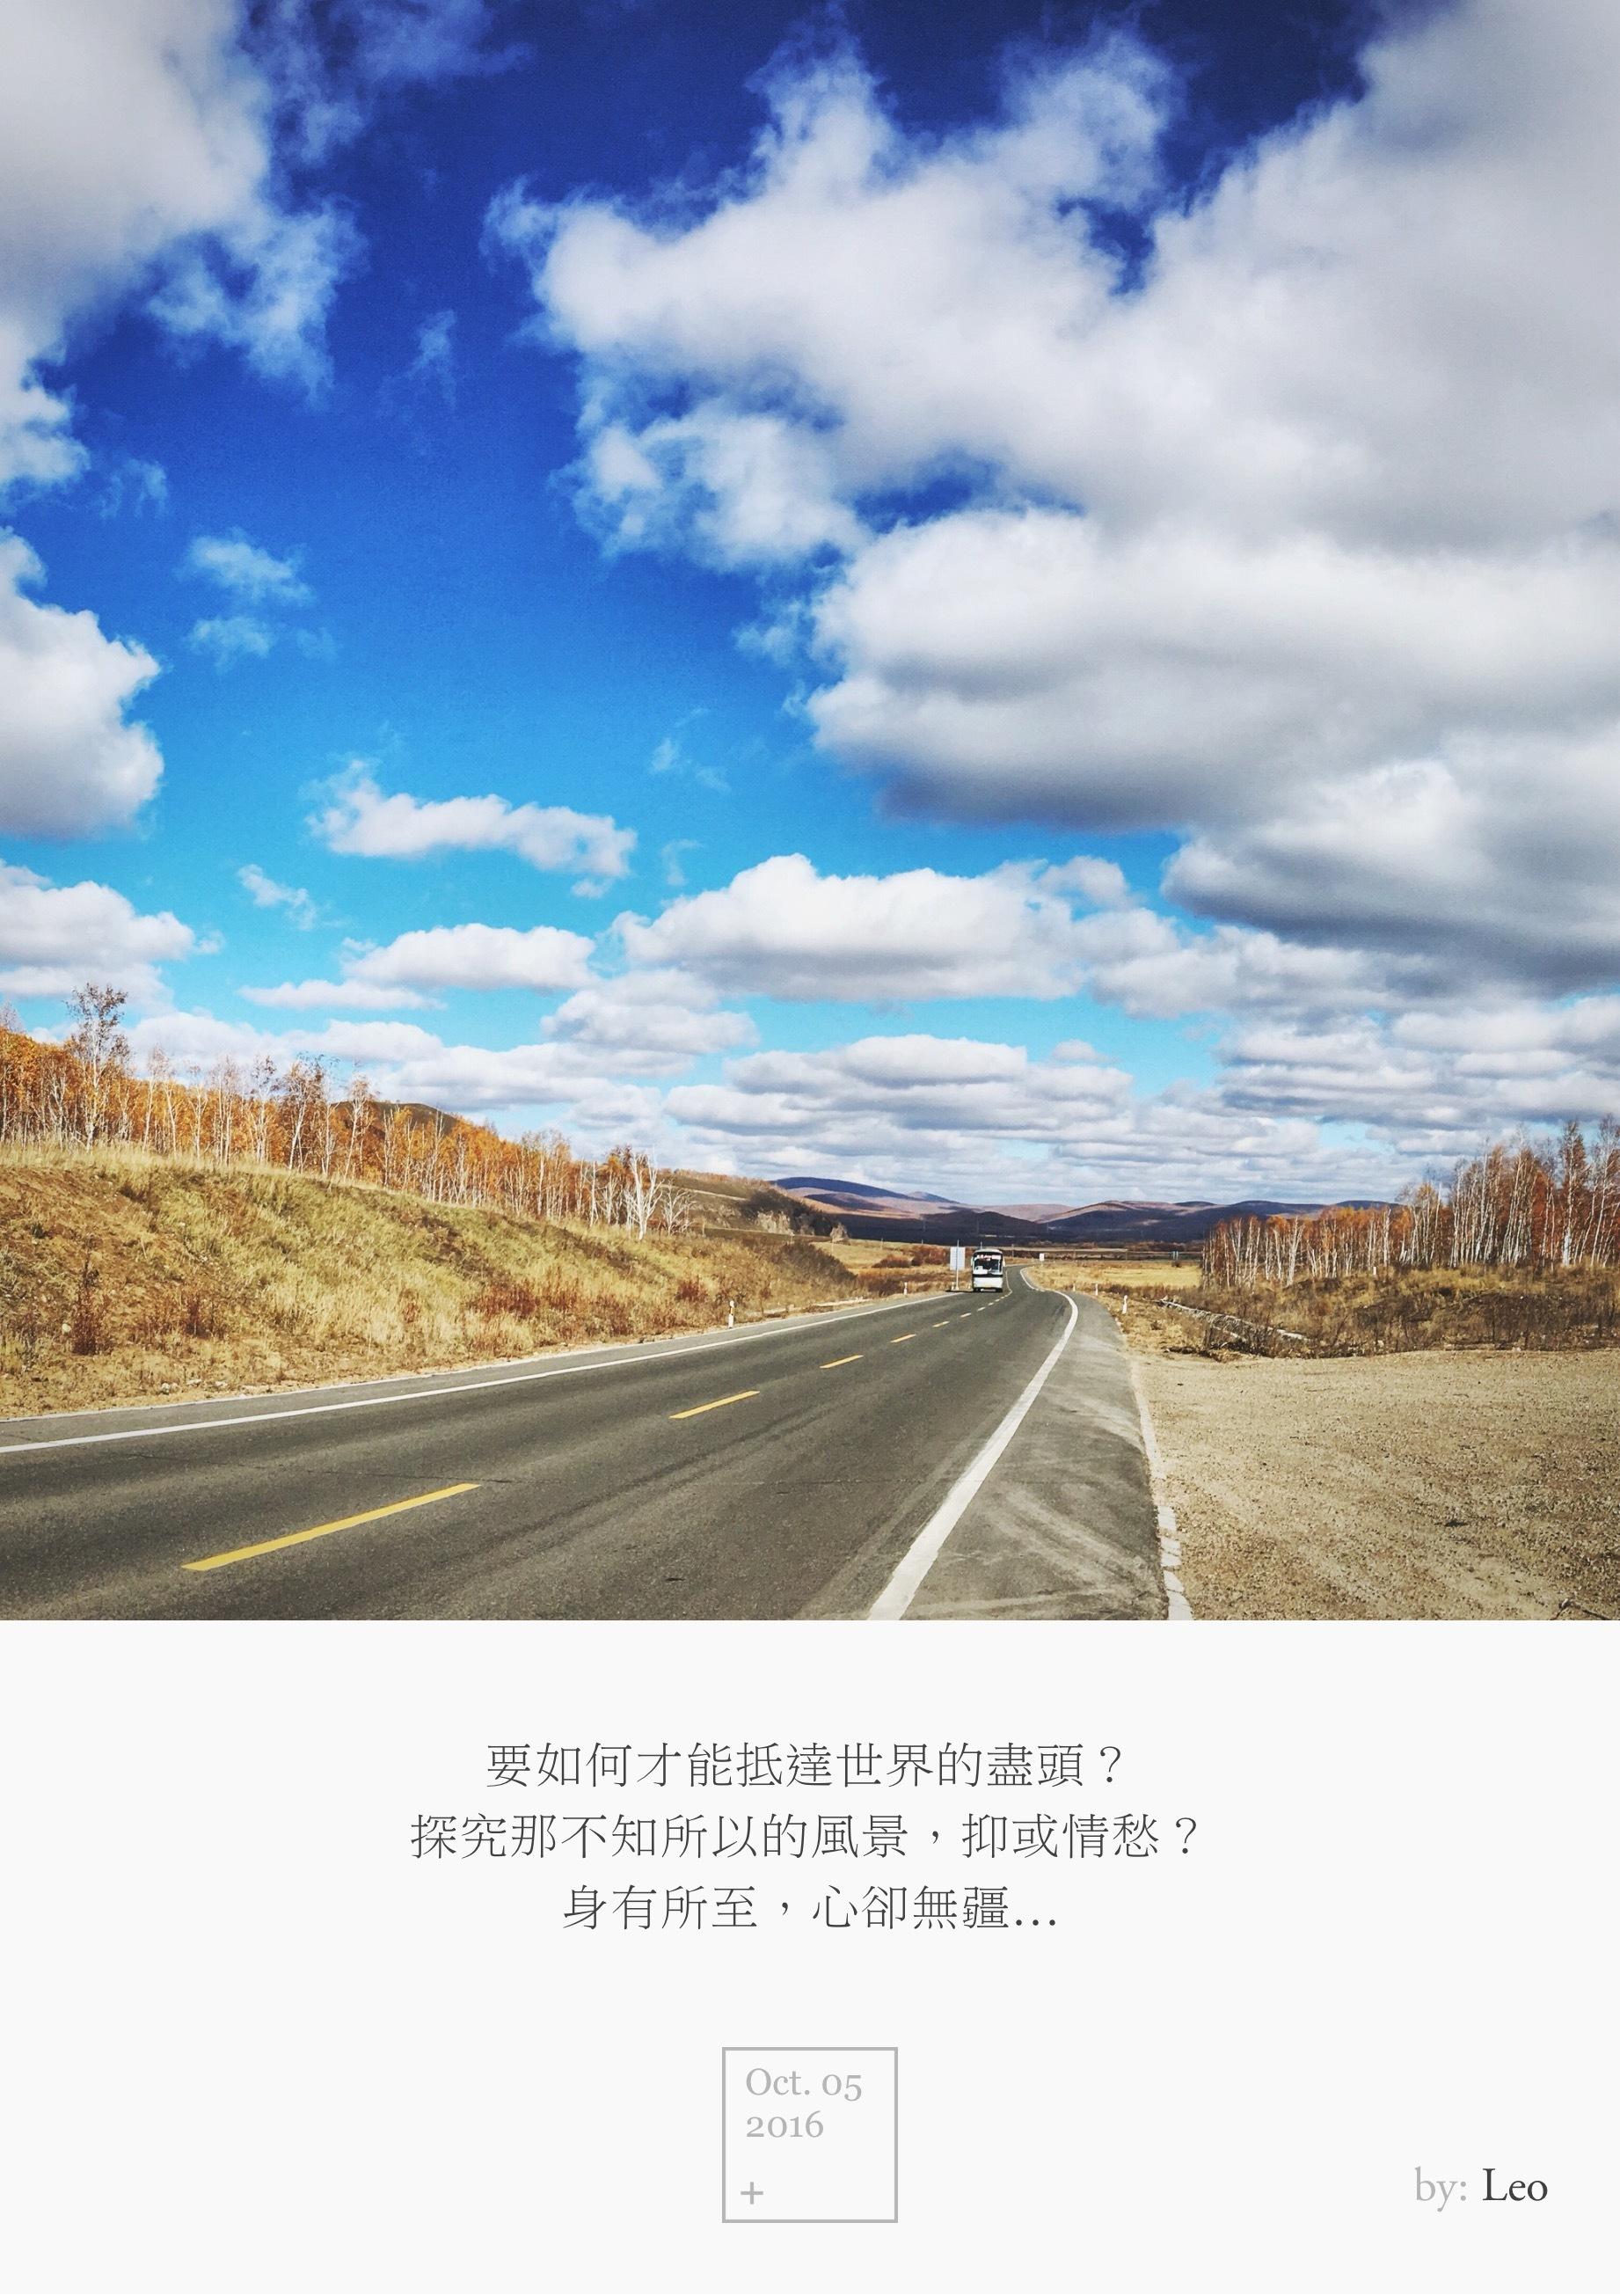 蓝天白云远方秋色